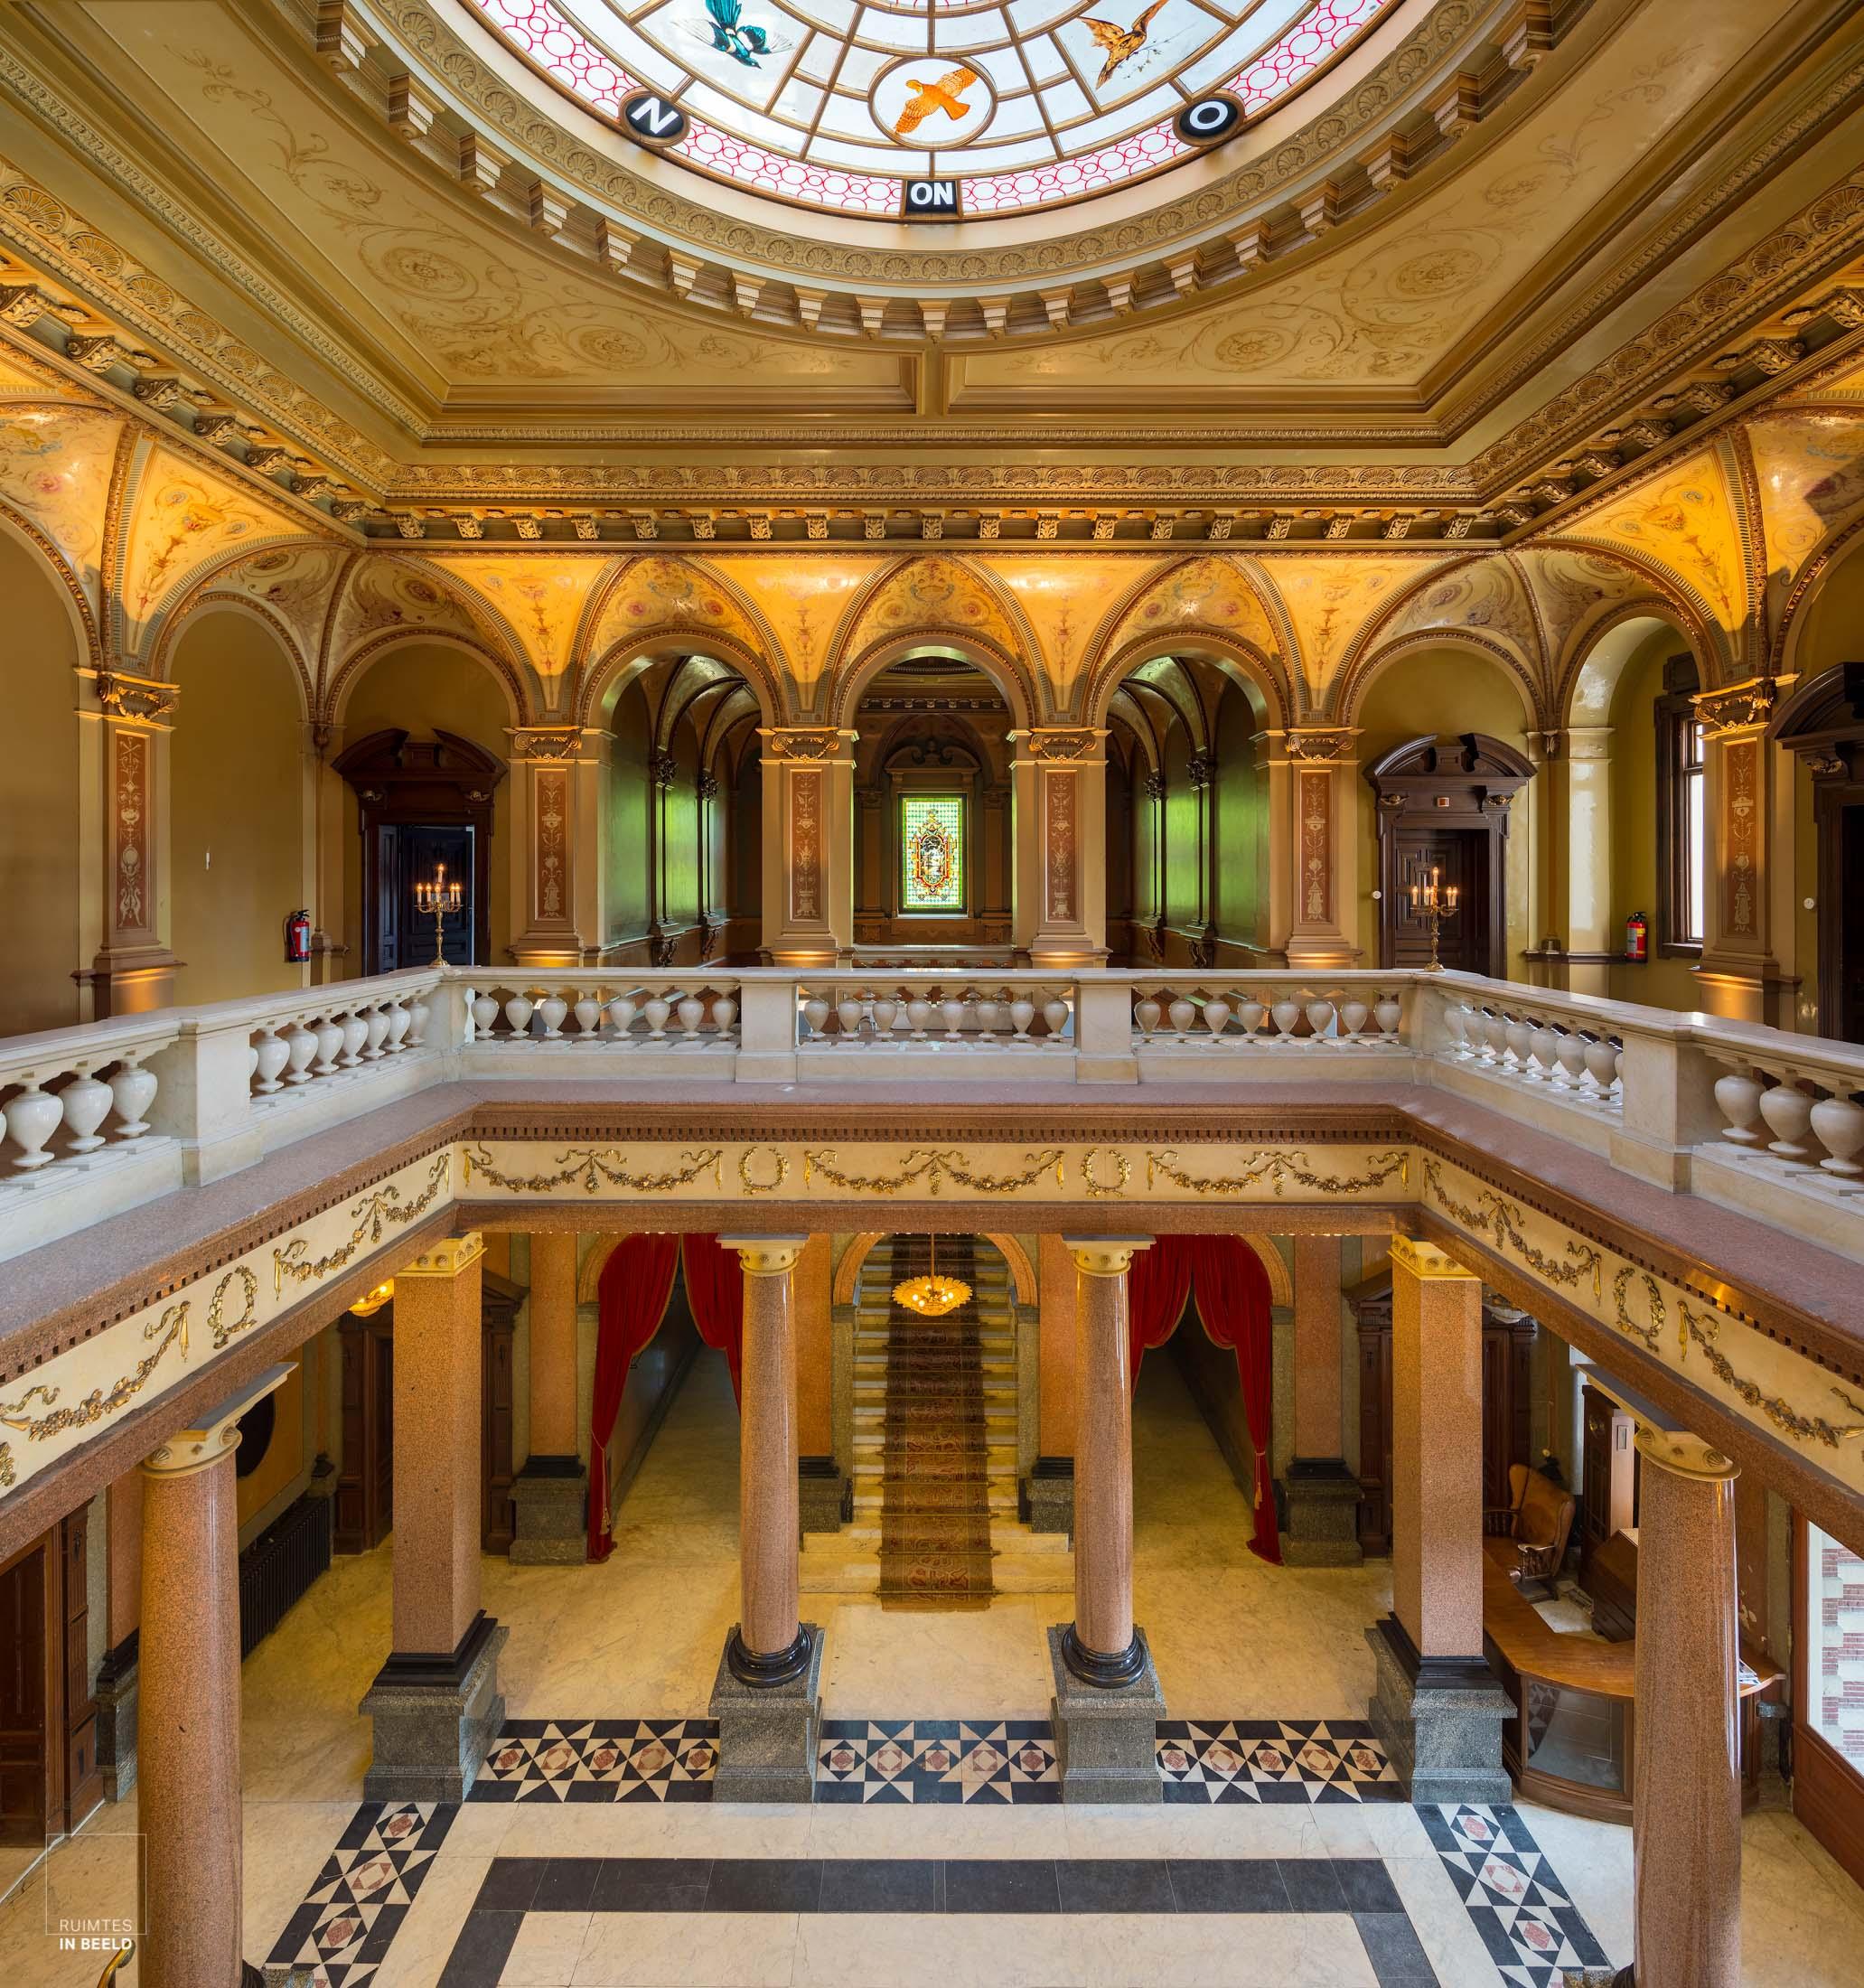 Musea en monumenten lenen zich prachtig voor de architectuurfotograaf vanwege hun structuur, detaillering en vaak erg mooie lichtval.